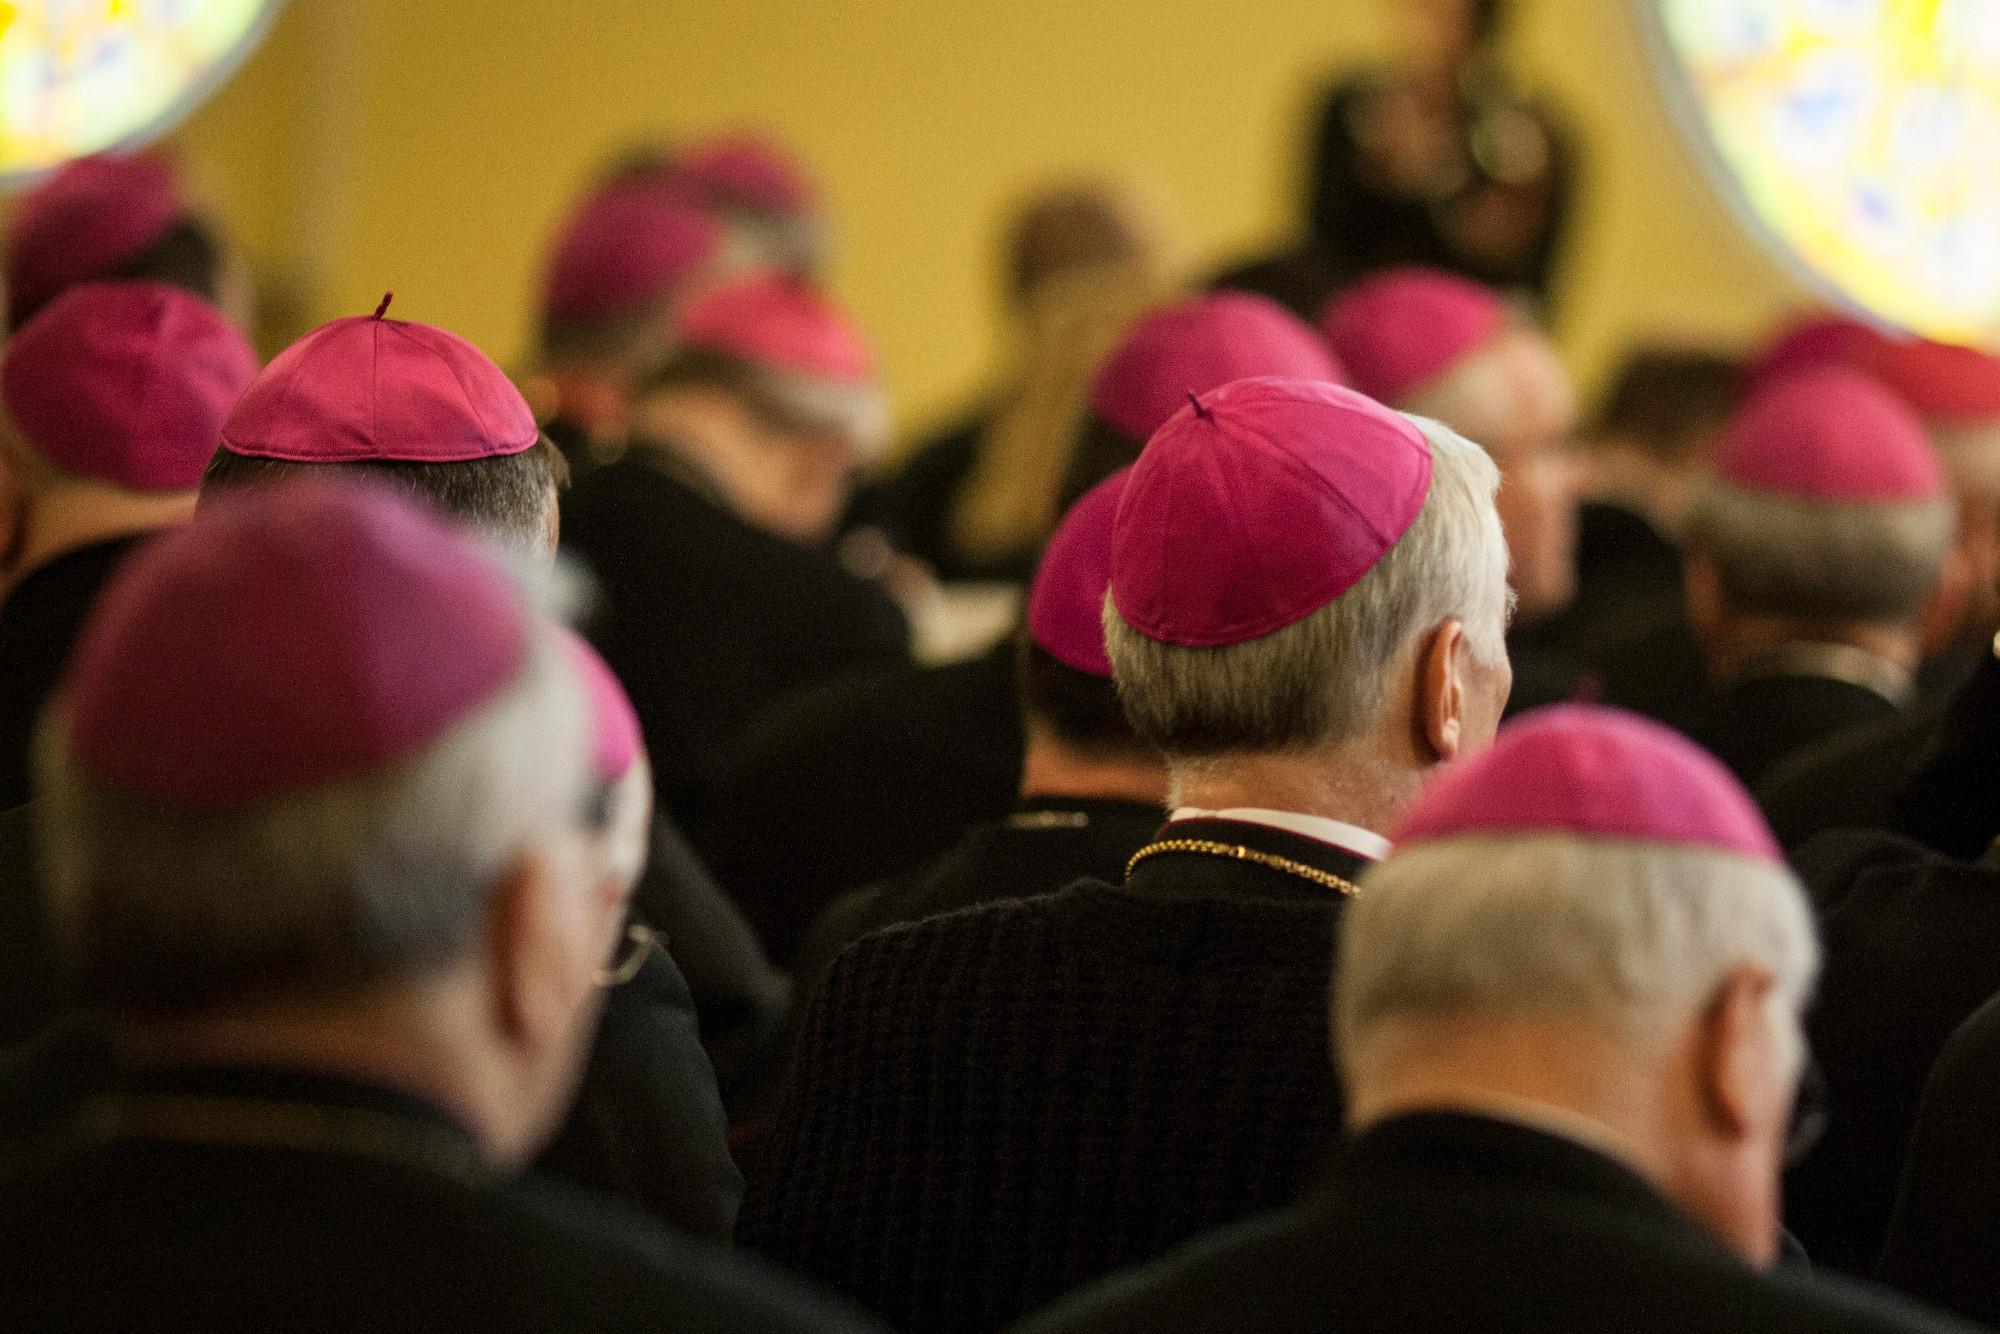 Zdaniem Marcina Wójcika celibat w polskim Kościele to fikcja (fot. Łukasz Cynalewski / Agencja Gazeta)